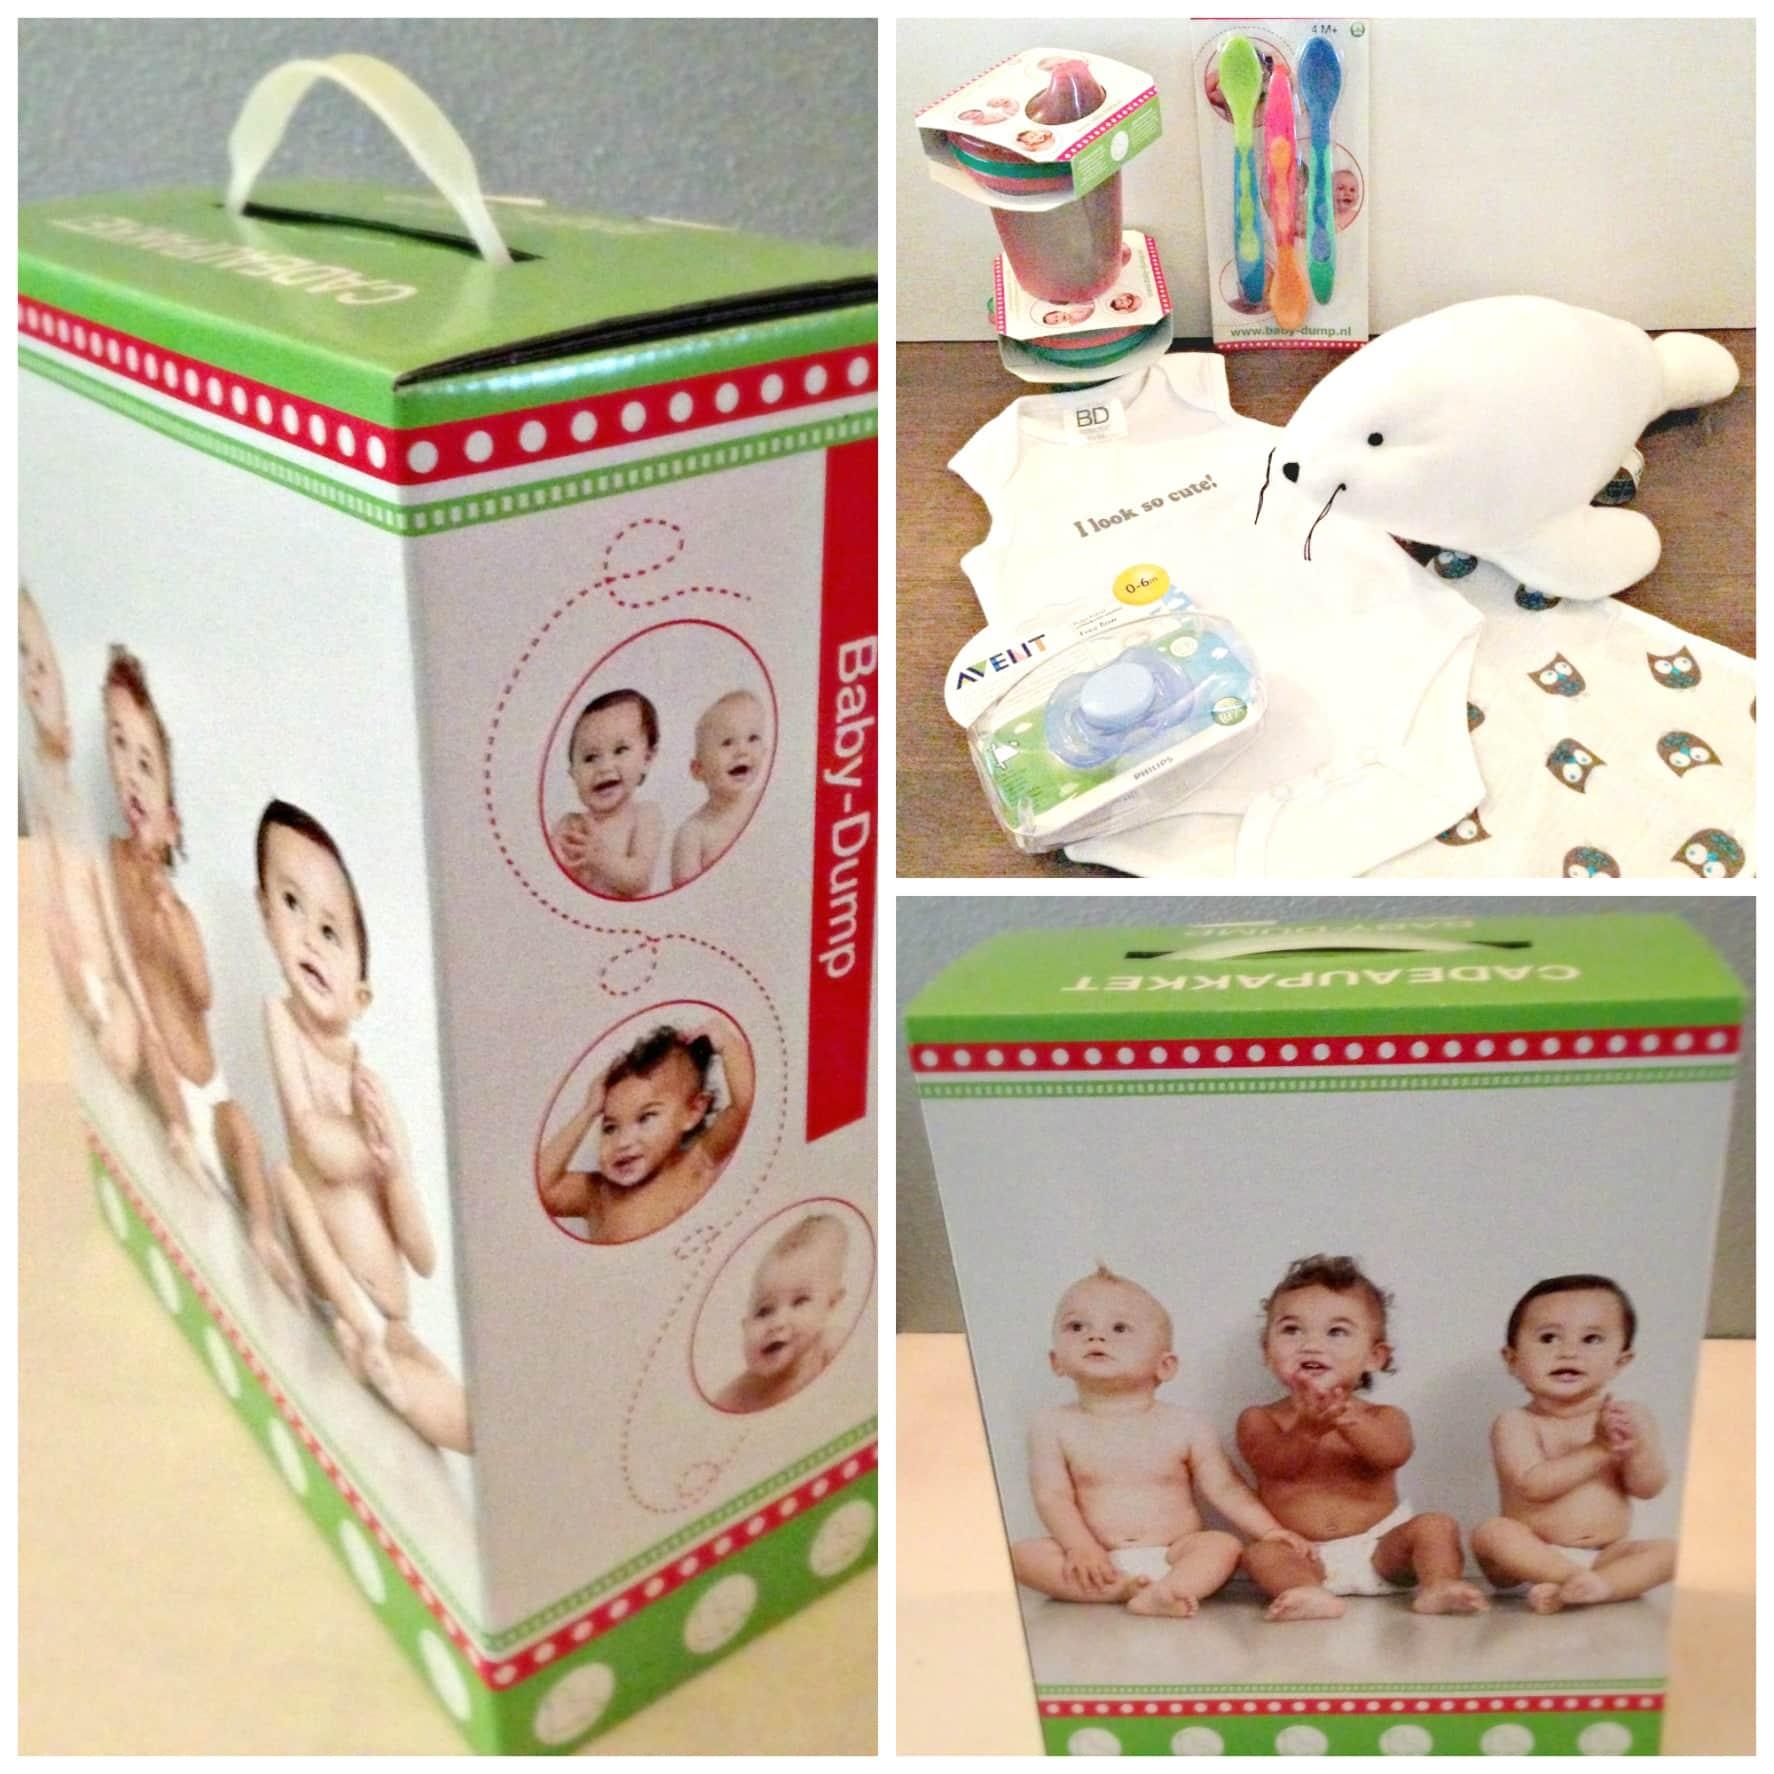 Gratis Baby-Dump cadeaupakket dat je kunt ophalen in de vestiging.